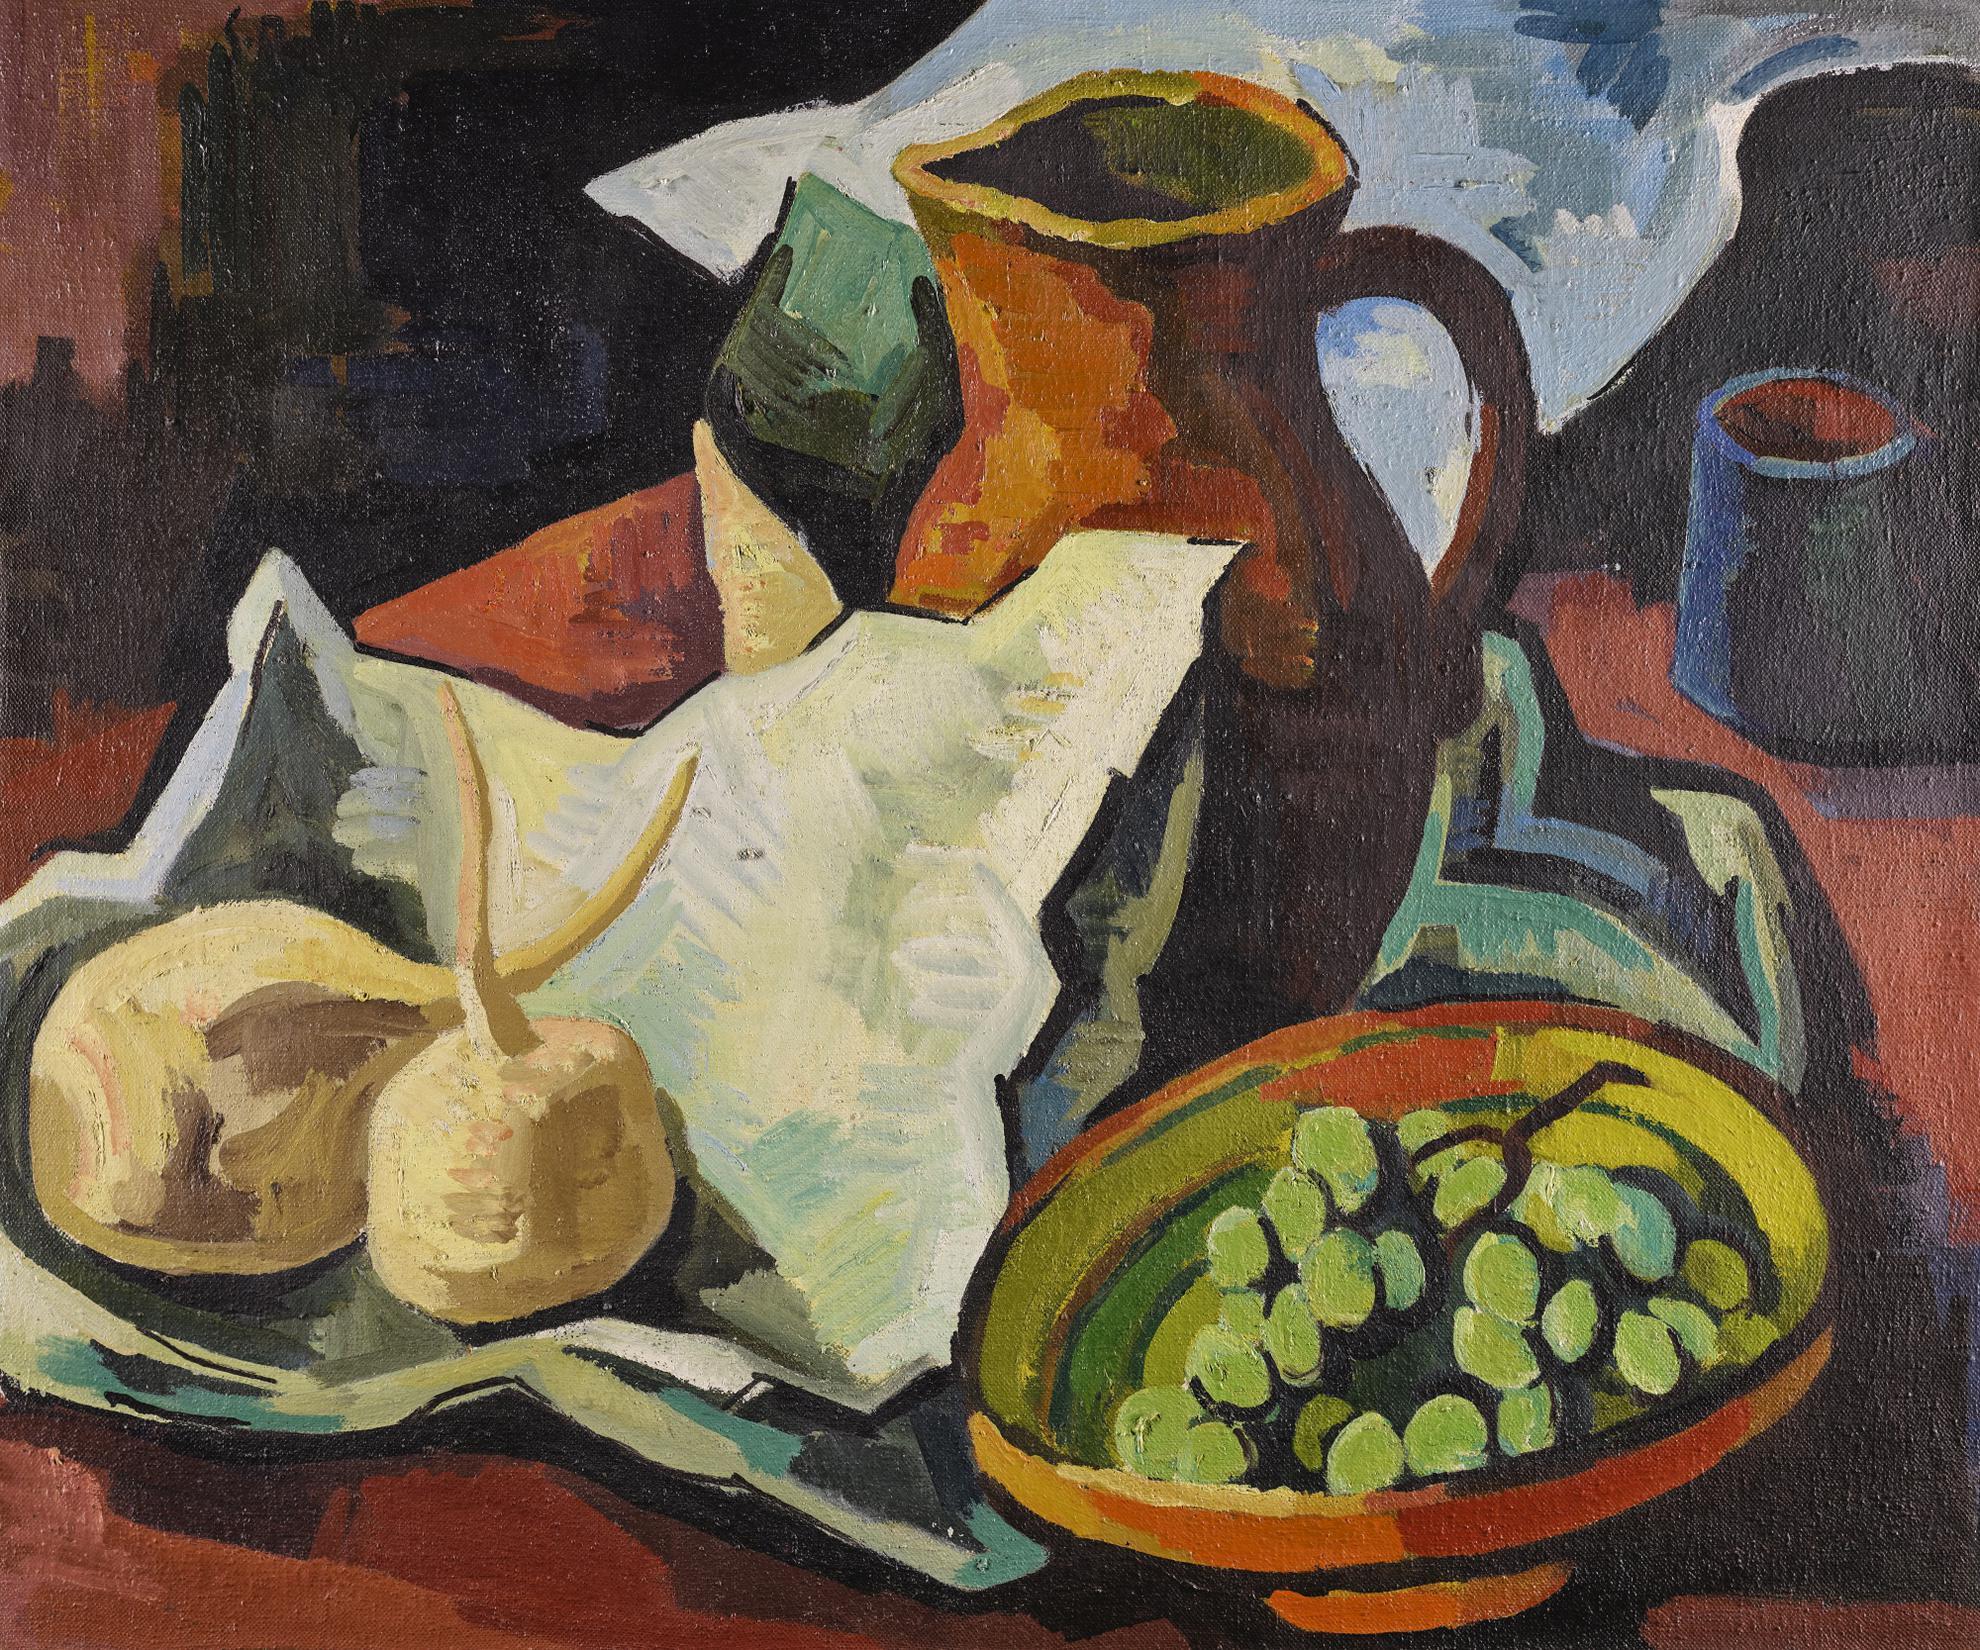 Karl Schmidt-Rottluff-Stillleben Mit Krug (Still Life With Jug)-1927